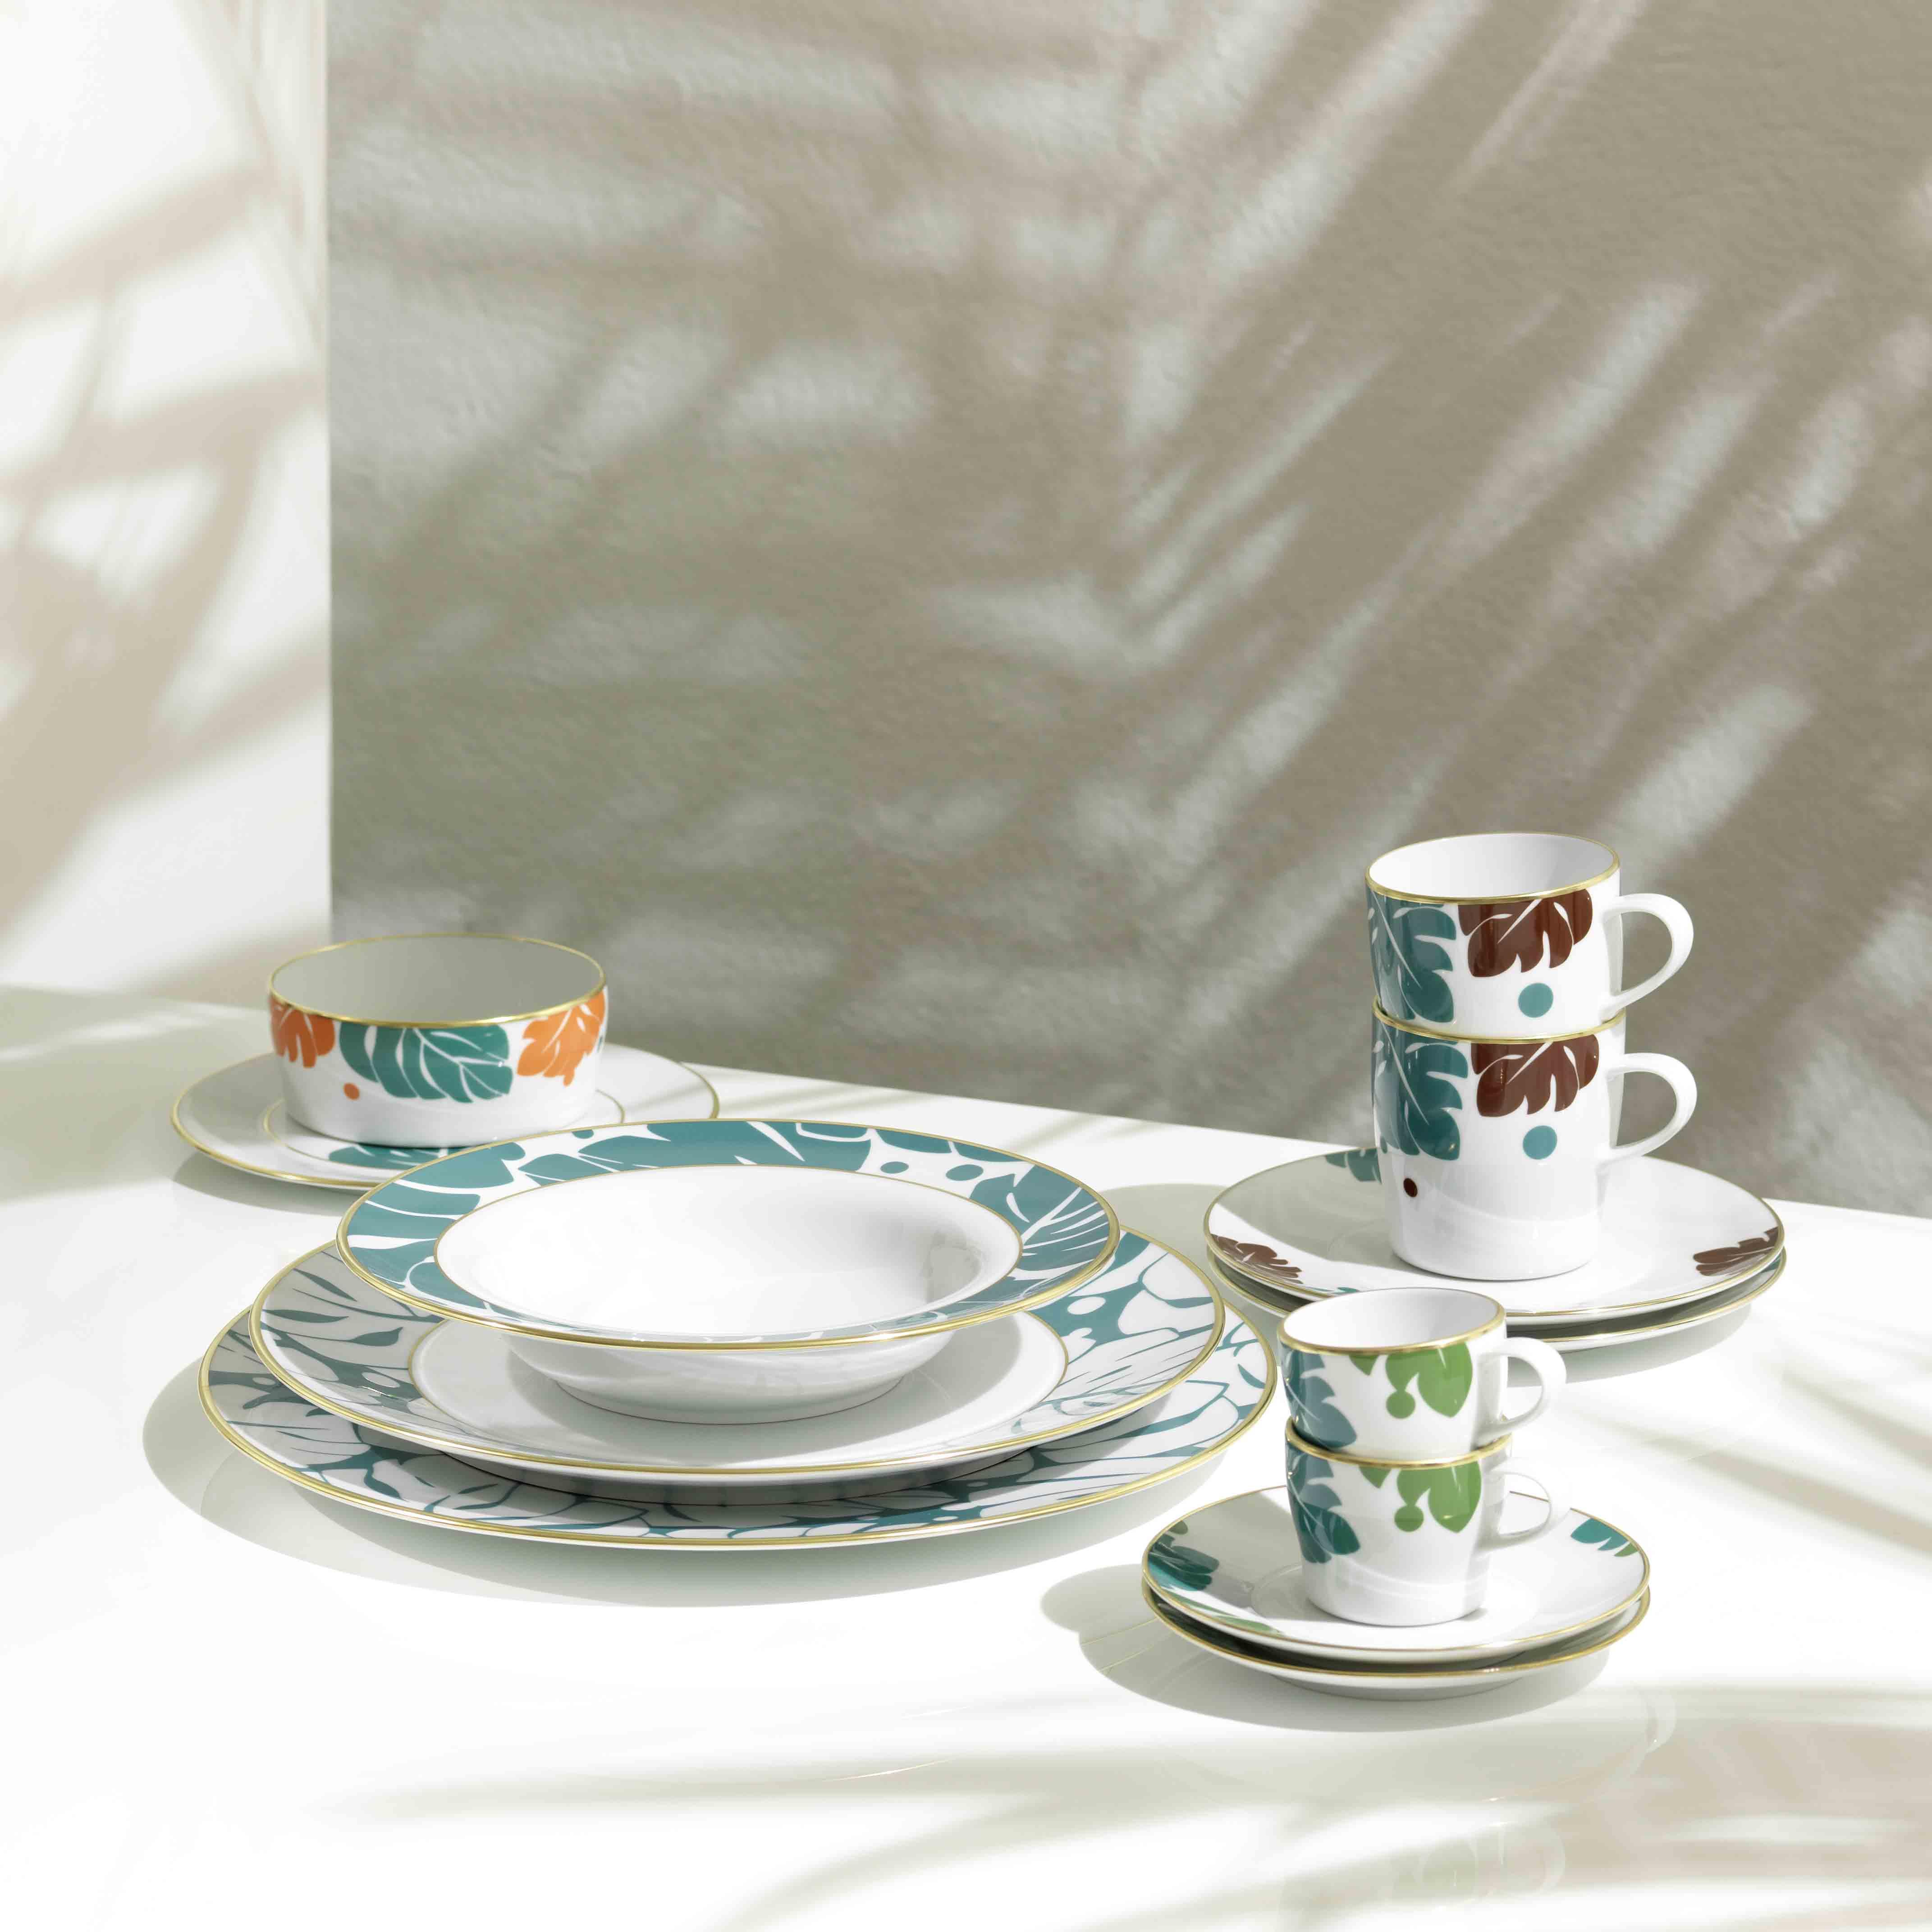 sommerurlaub f r die tafel porzellanmanufaktur f rstenberg. Black Bedroom Furniture Sets. Home Design Ideas